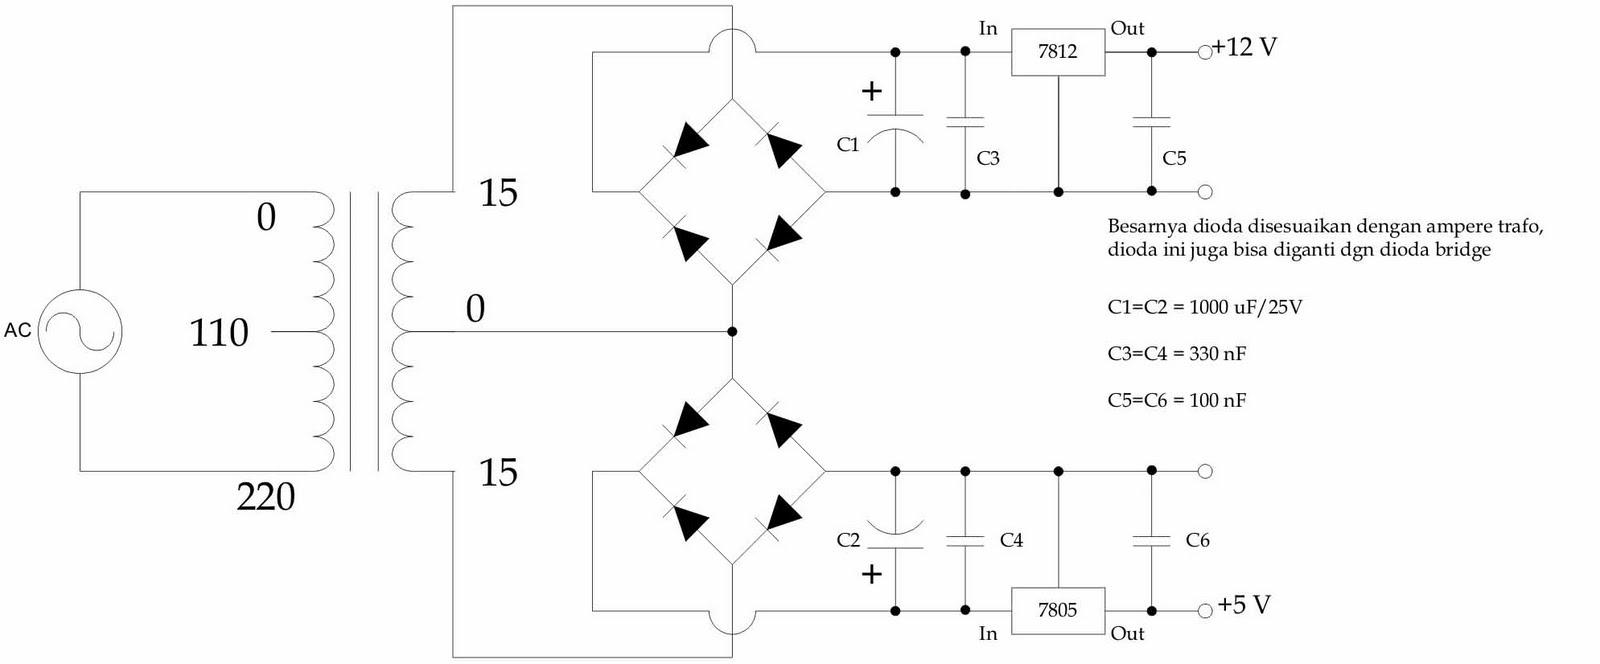 medium resolution of schematic diagram power supply dual output 12v 5v